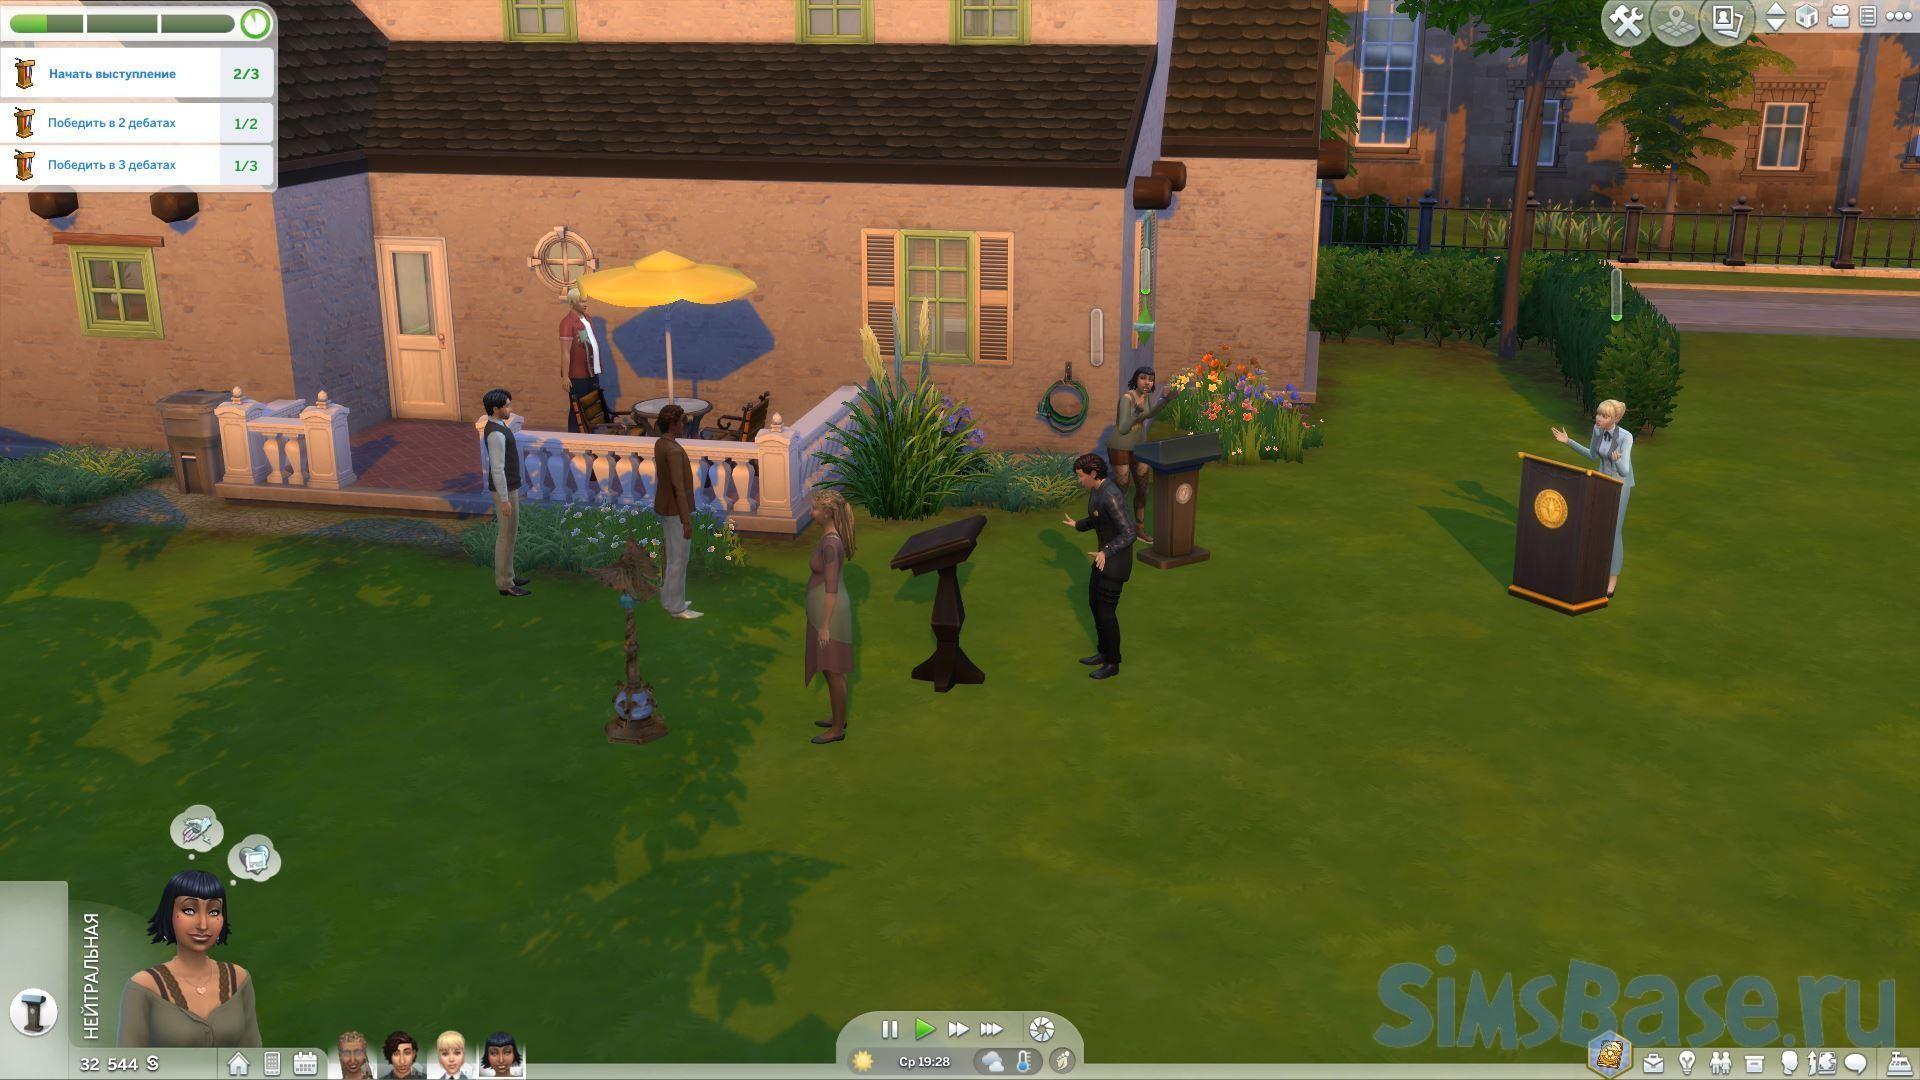 Событие «Улучшенные дебаты» от Ilkavelle для Sims 4